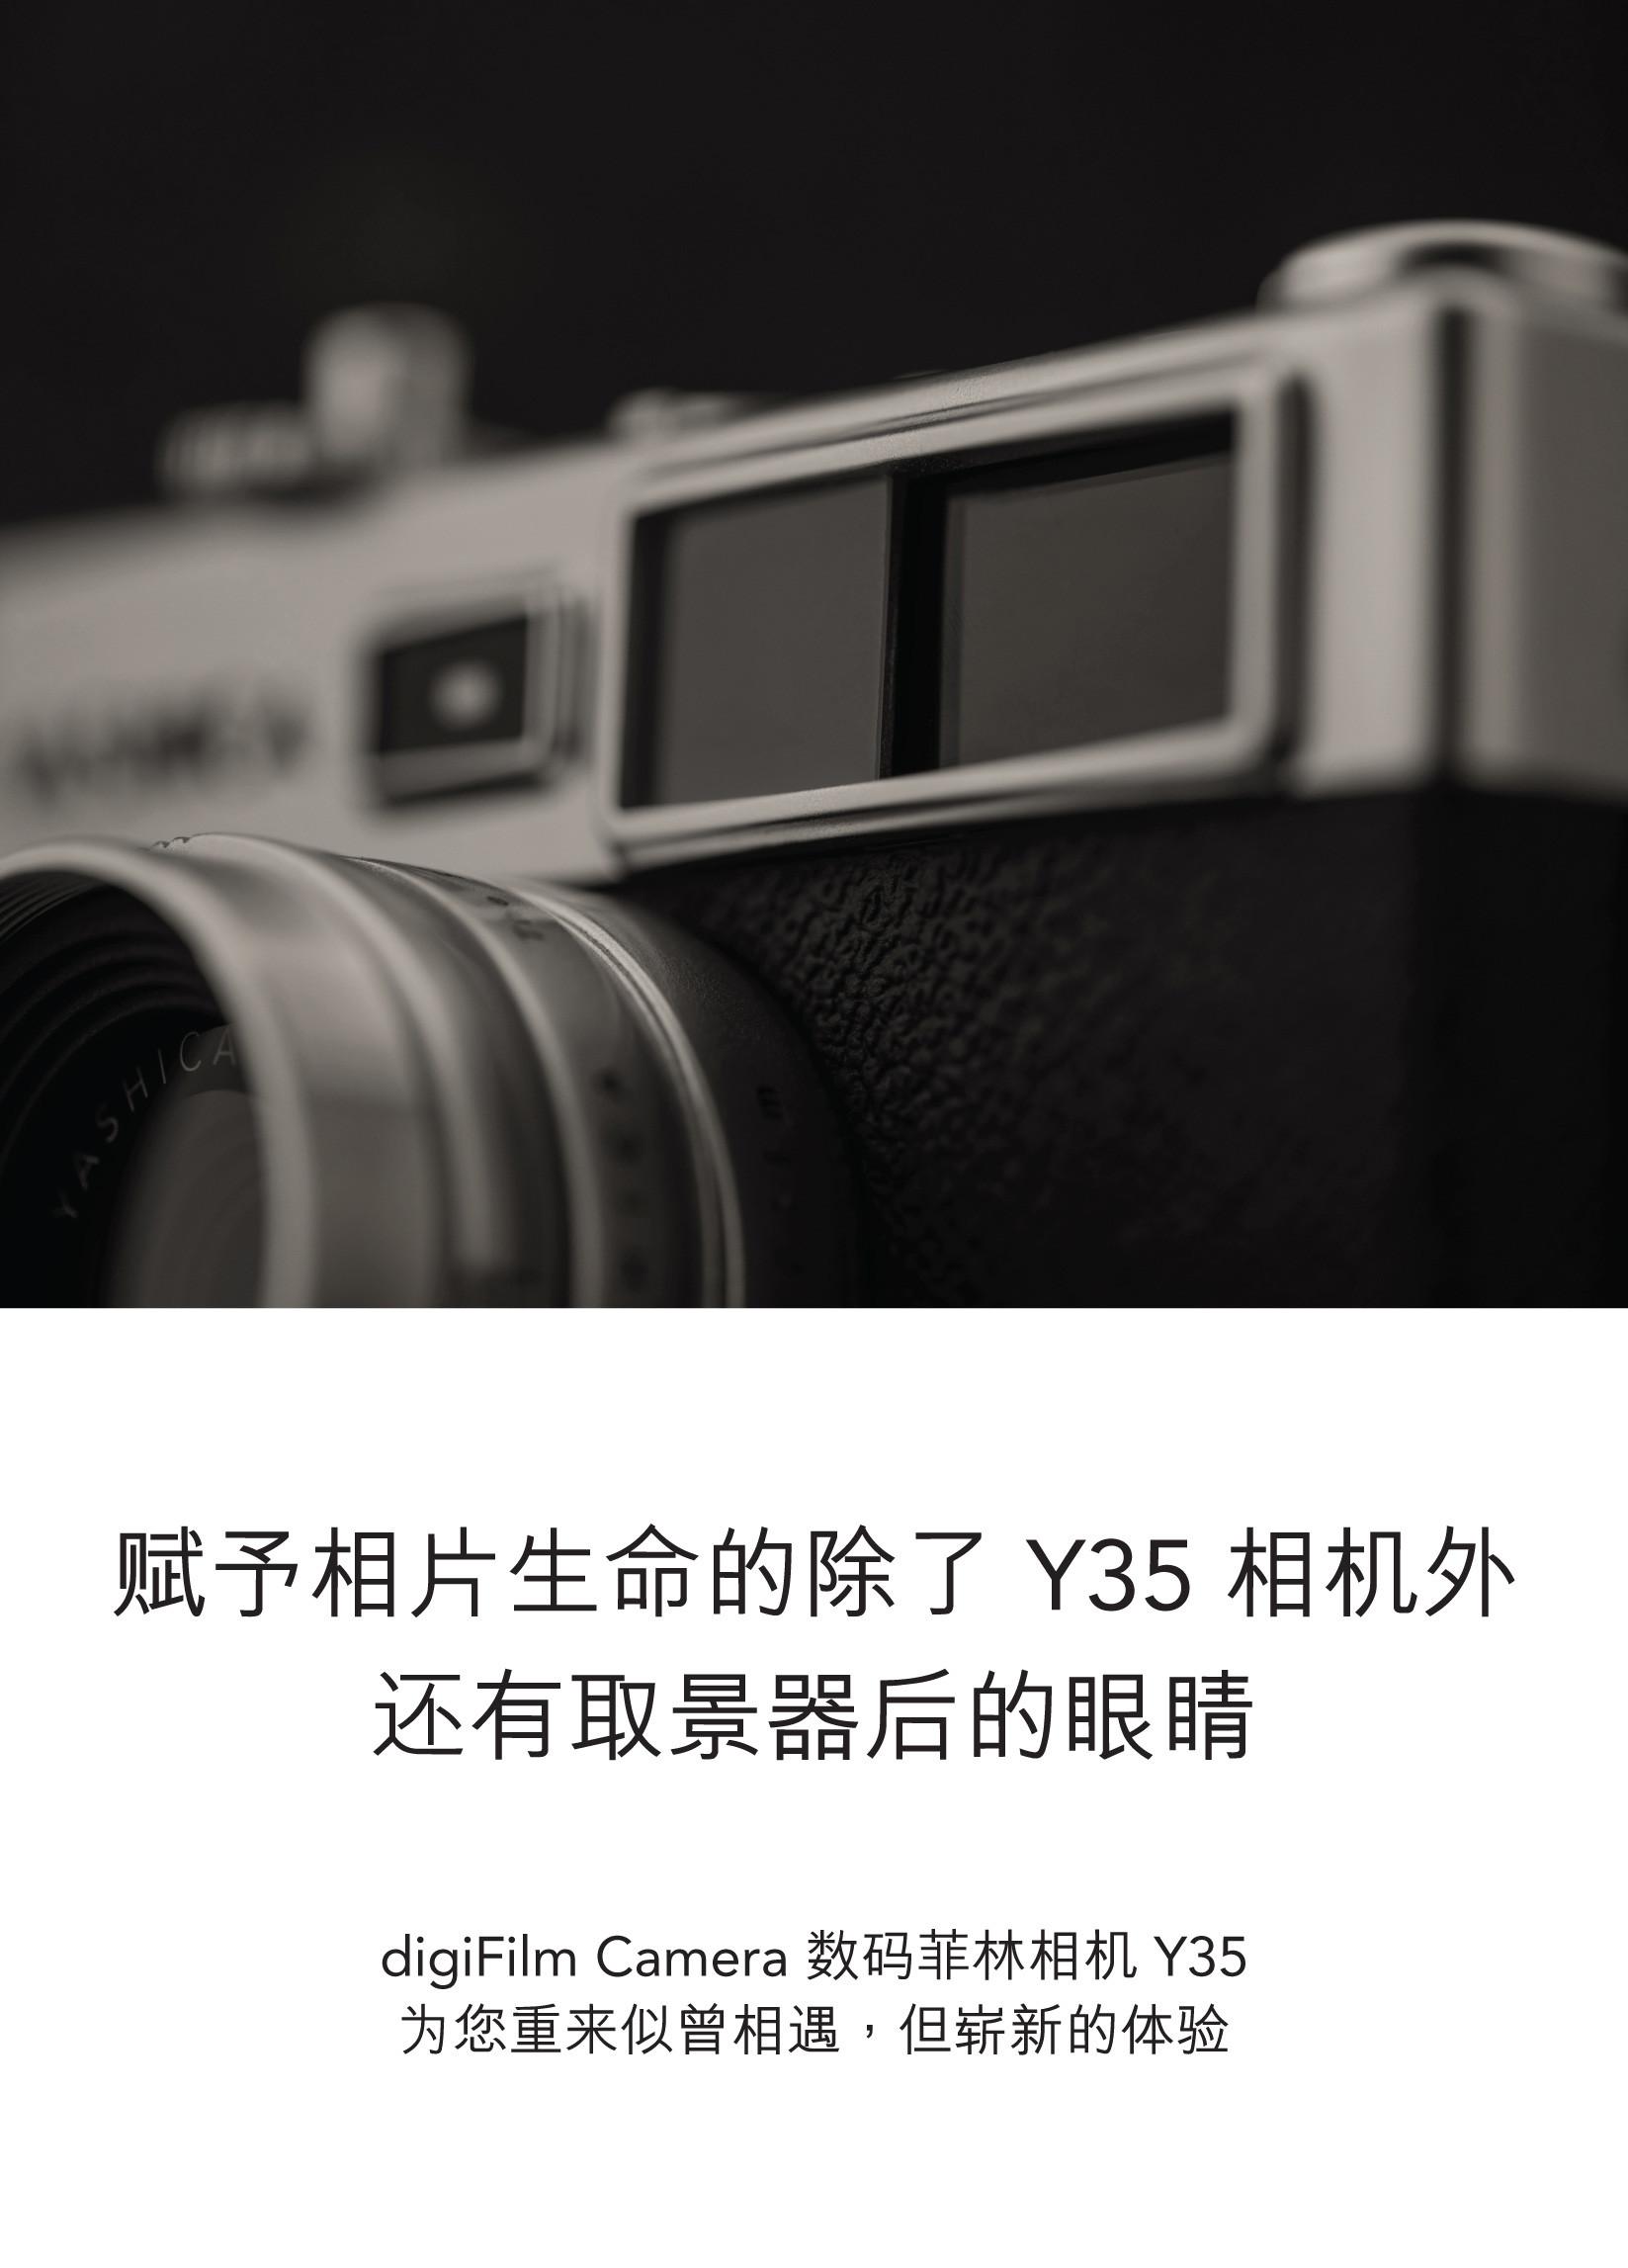 Y35-CN_part-1-09.jpg